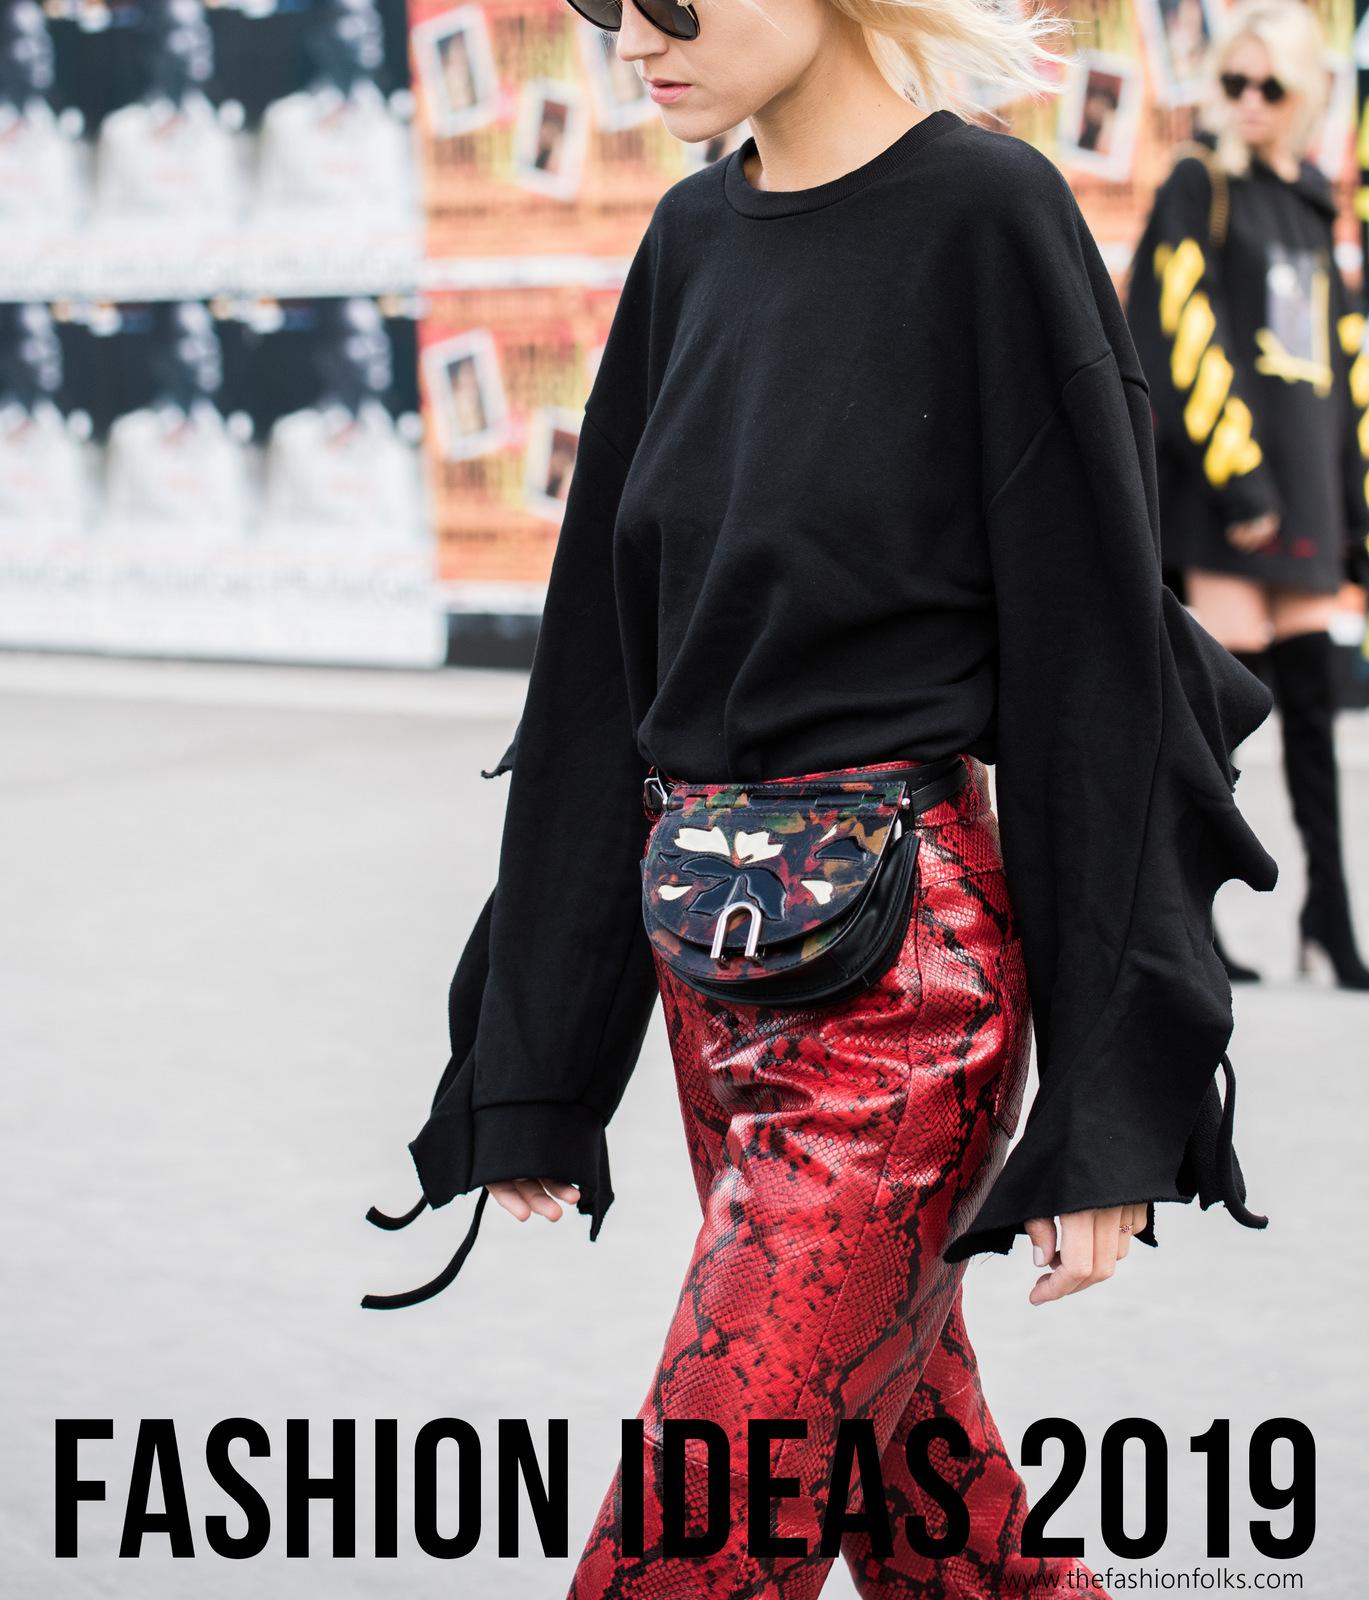 Fashion Ideas 2019